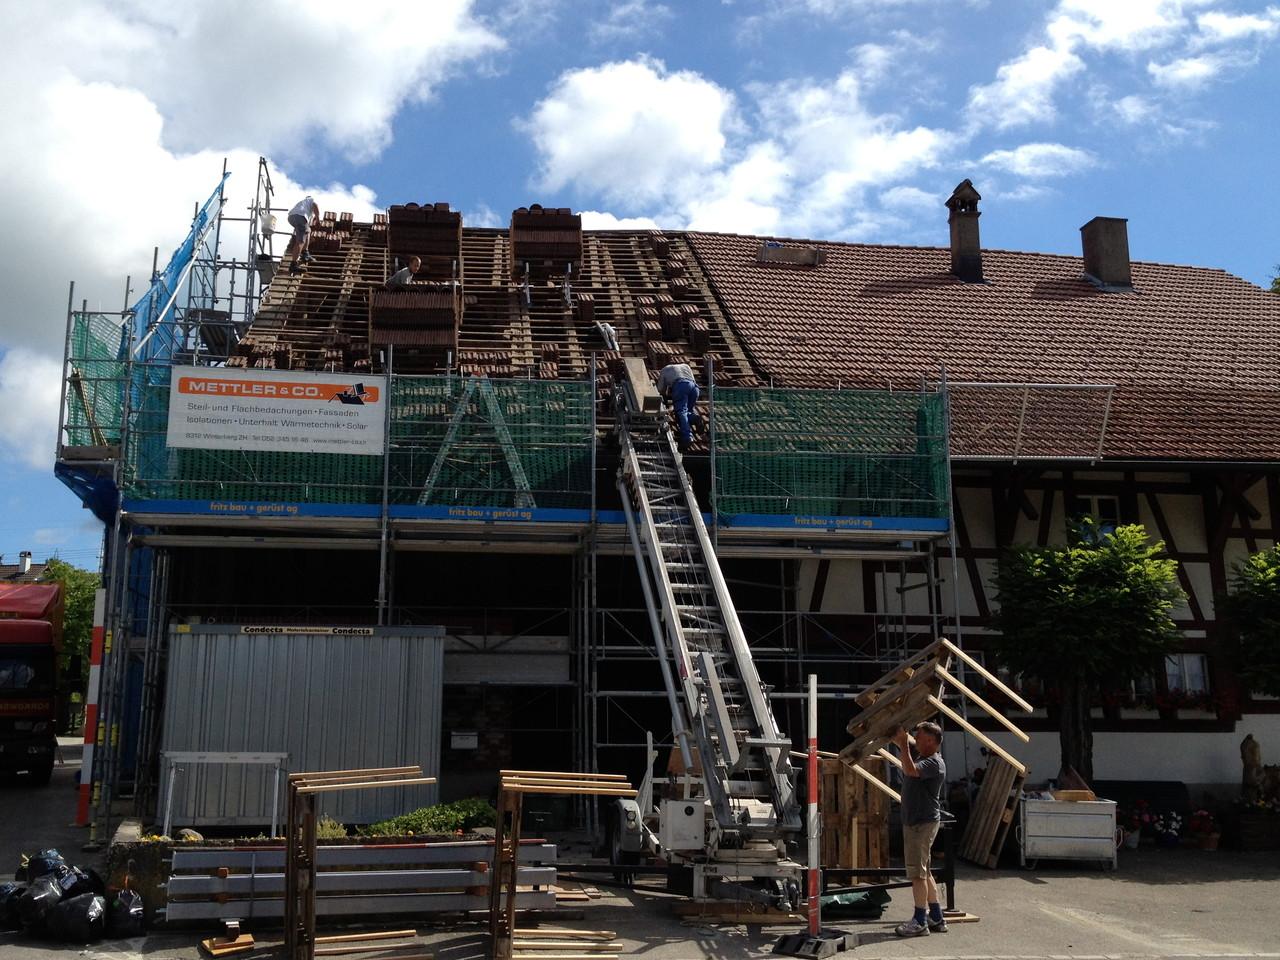 Dach, vorher: bestehende Ziegel werden später für Werkstattgebäude gebraucht